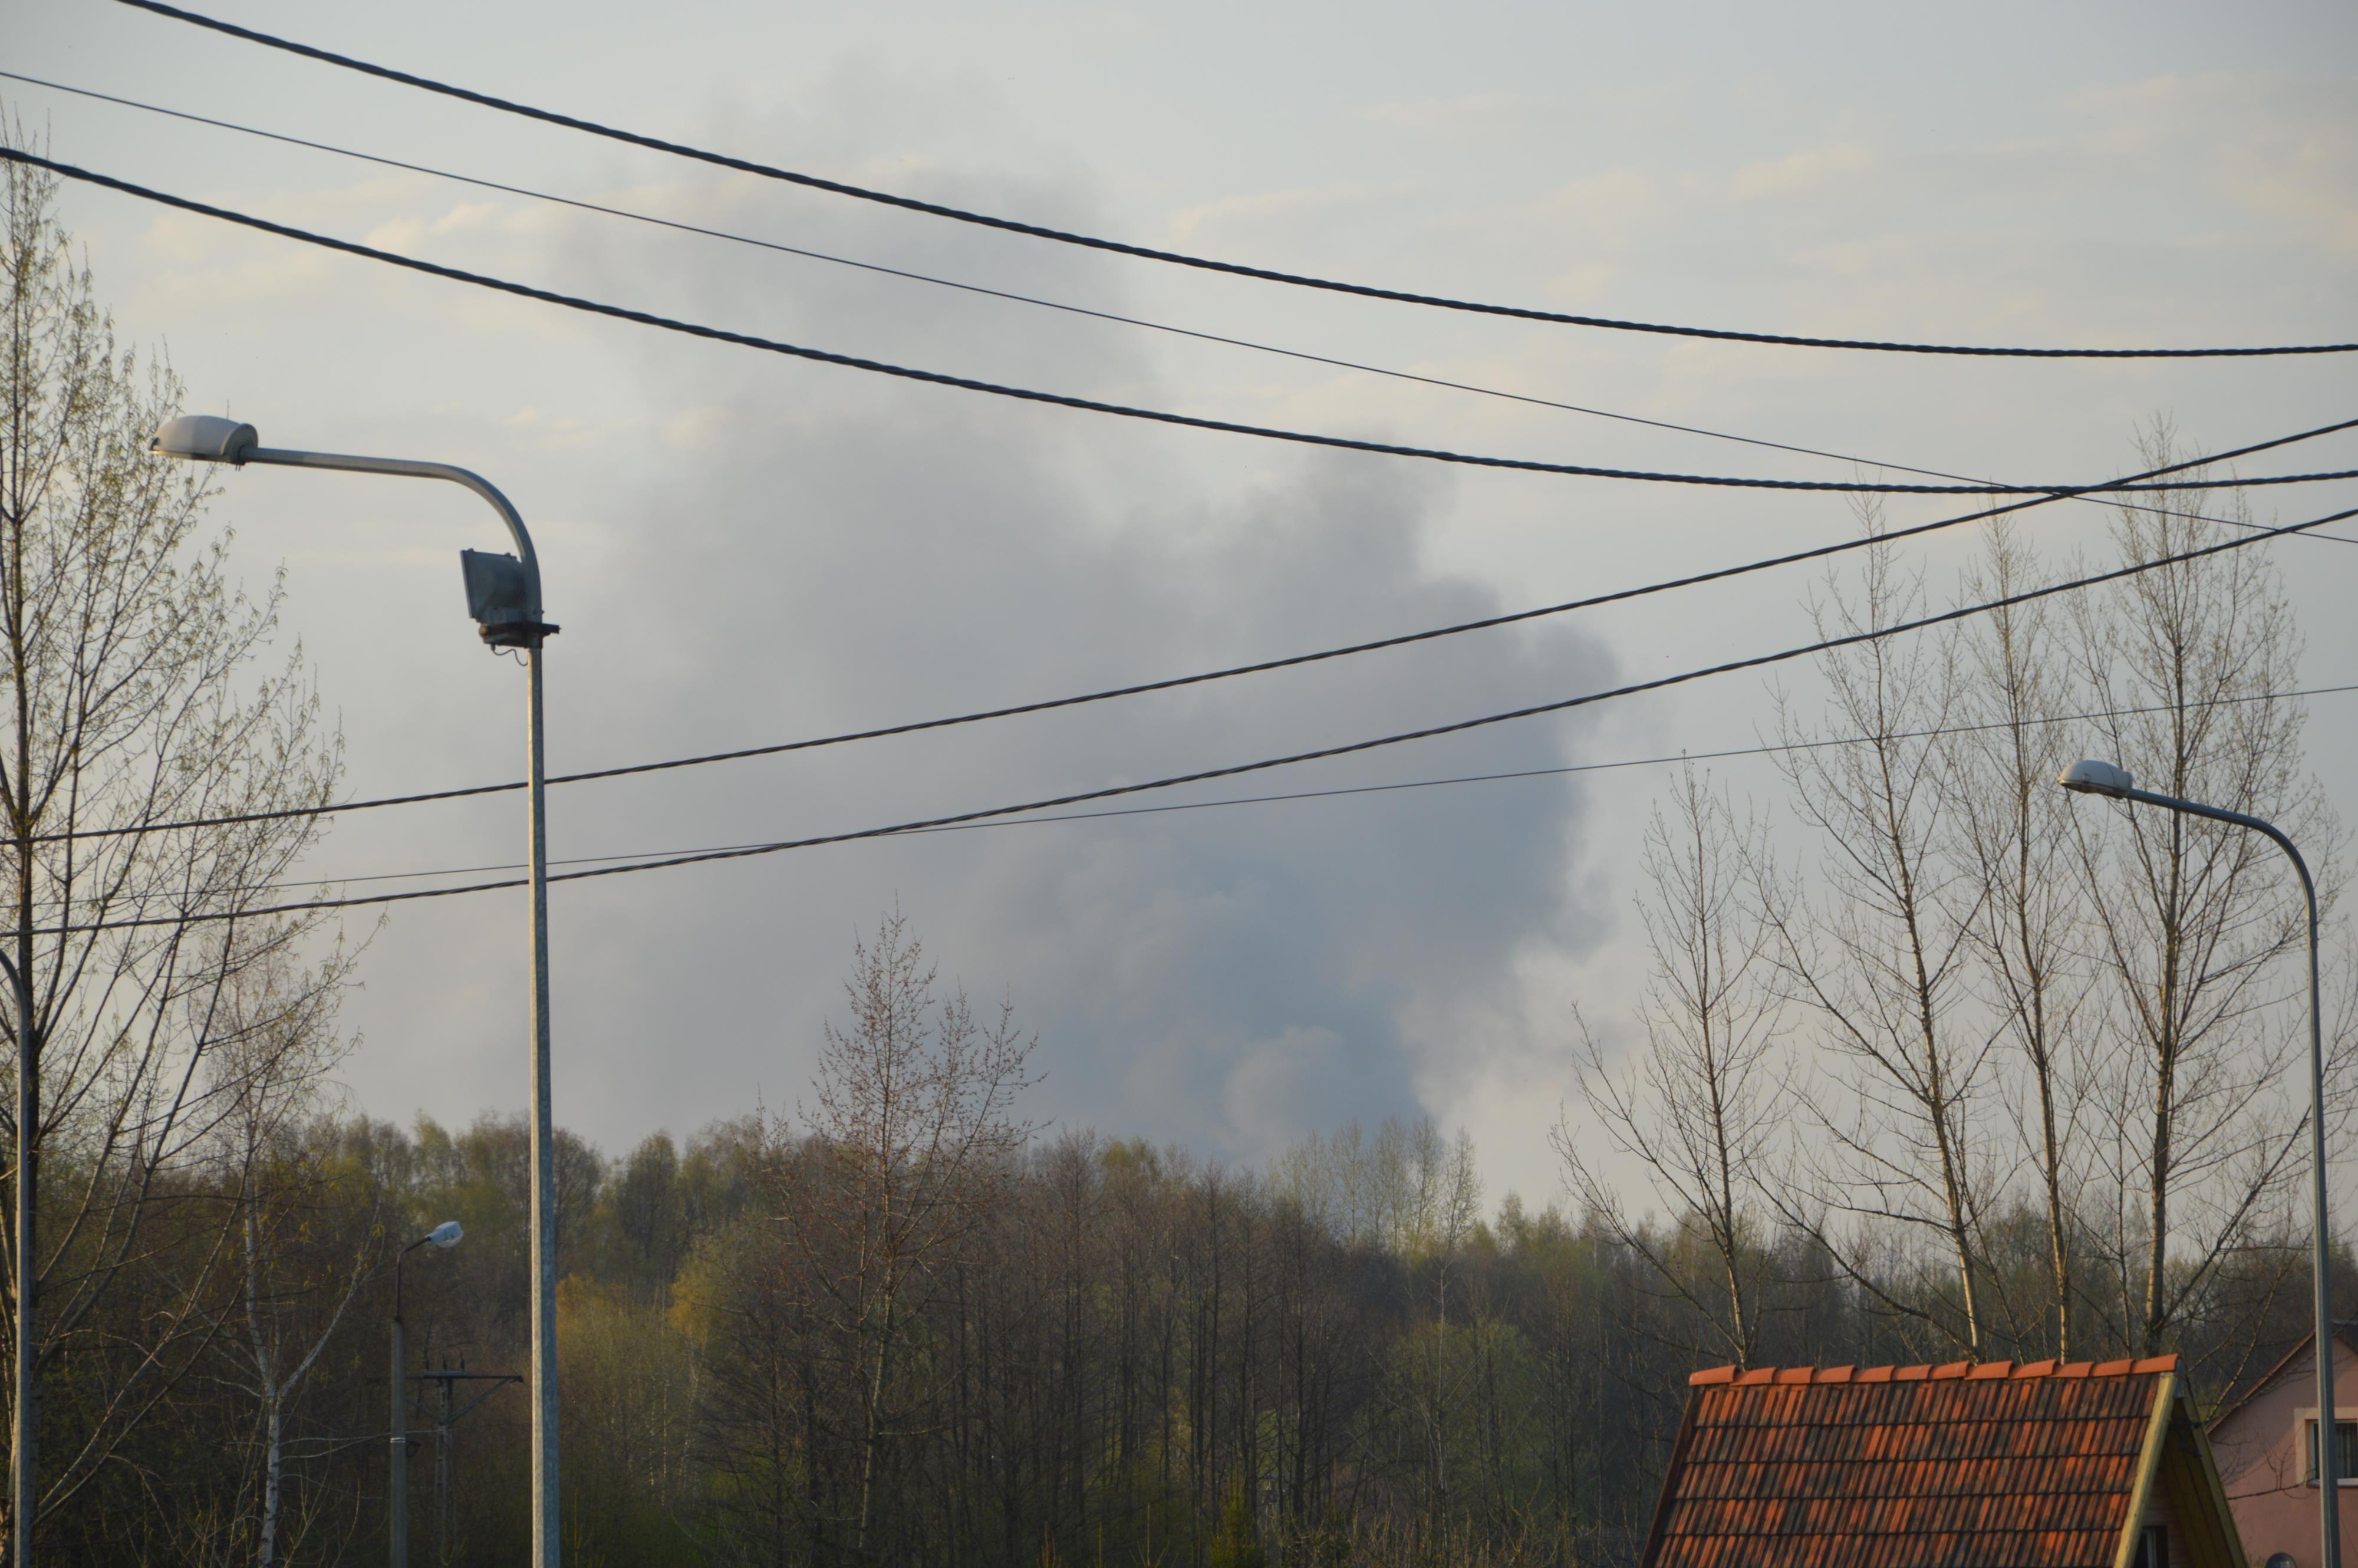 Chmura toksycznego dymu nad regionem